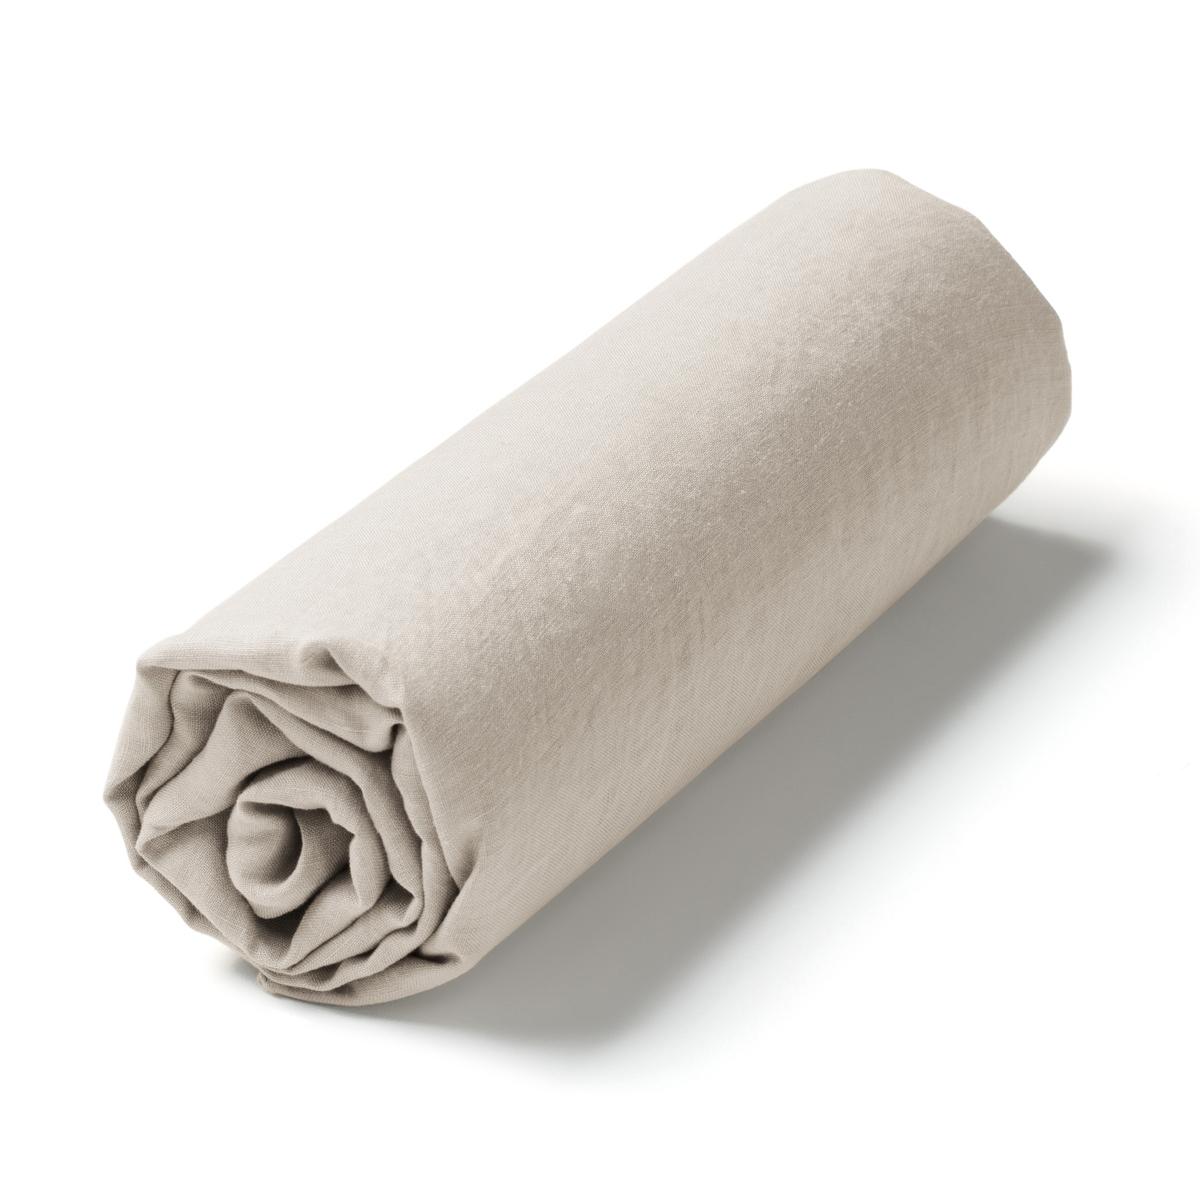 Простыня натяжная из стираного льна, ElinaНатяжная простыня Elina. Специально созданная для матрасов толщиной до 10 см, натяжная простыня придаст комфорта и элегантности вашей кровати.Стираный лен. Ткань с легким жатым эффектом не требует глажки, со временем становится более мягкой и нежной.Материал : - 100% стираный ленОтделка :- Клапан 10 смУход :- Машинная стирка при 40 °С.Размеры :90 x 190 см : 1-сп.140 x 190 см : 2-сп.160 x 200 см : 2-сп.180 x 200 см : 2-сп.Знак Oeko-Tex® гарантирует, что товары прошли проверку и были изготовлены без применения вредных для здоровья человека веществ.<br><br>Цвет: серо-бежевый,серо-синий,серый